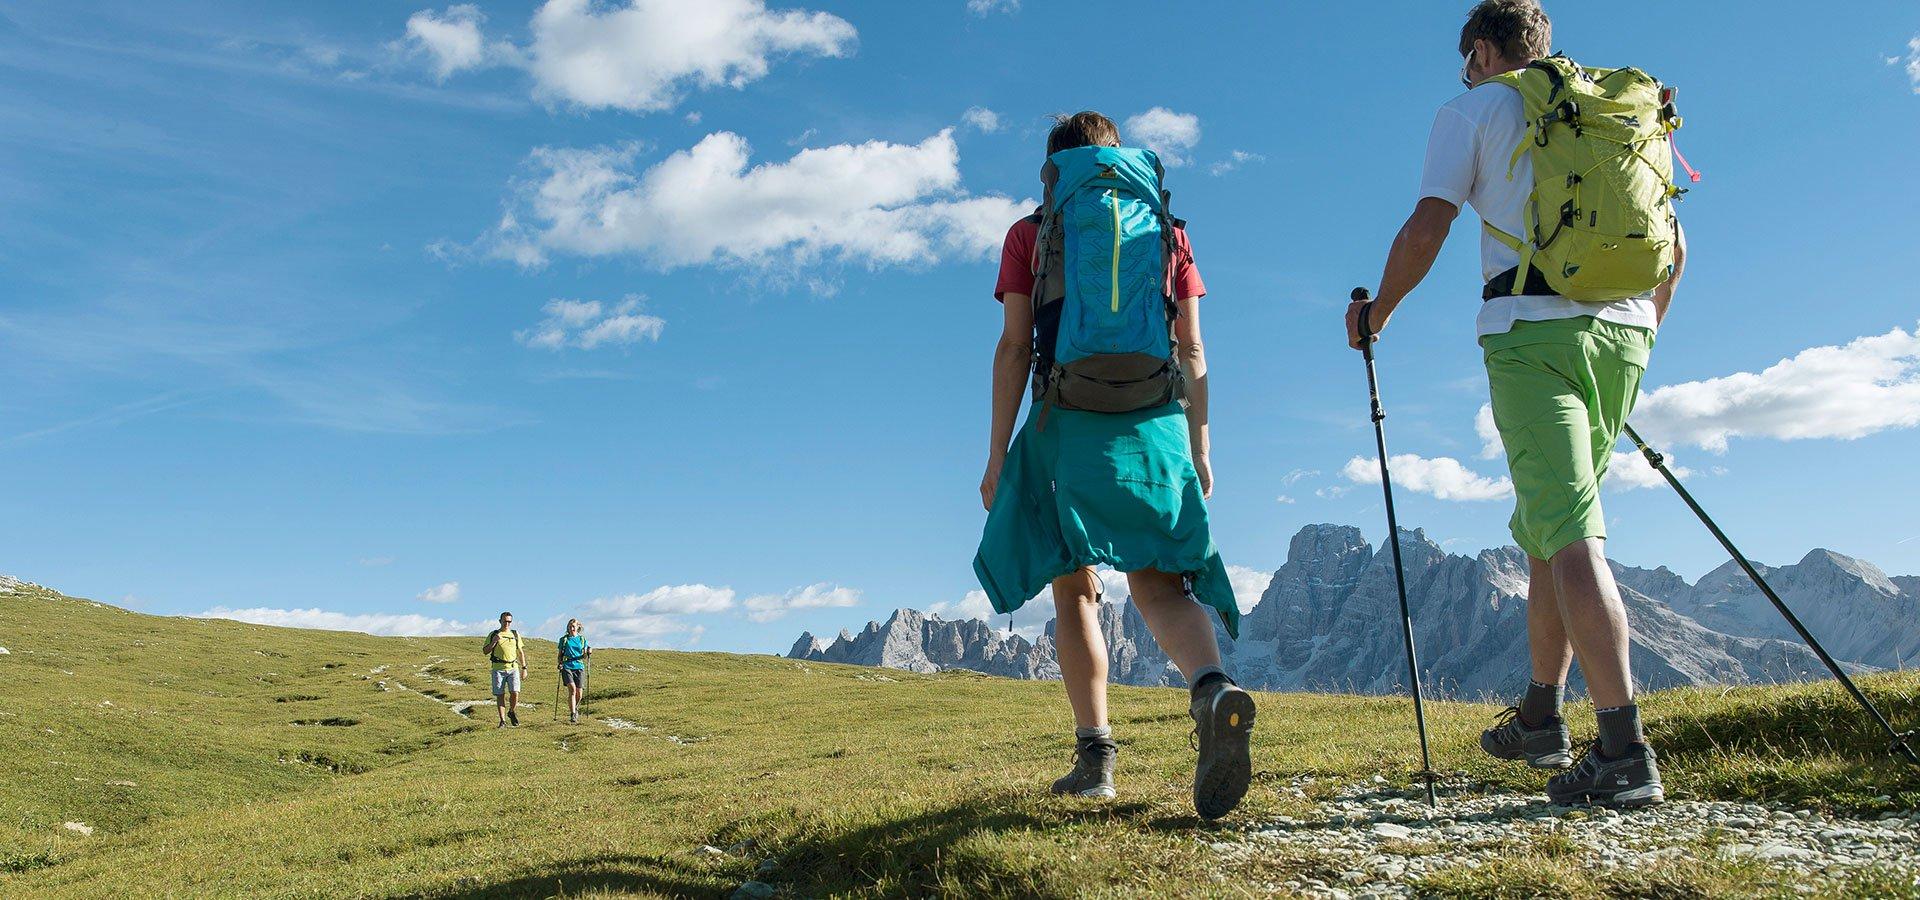 Vacanze estive nelle montagne dell'Alto Adige